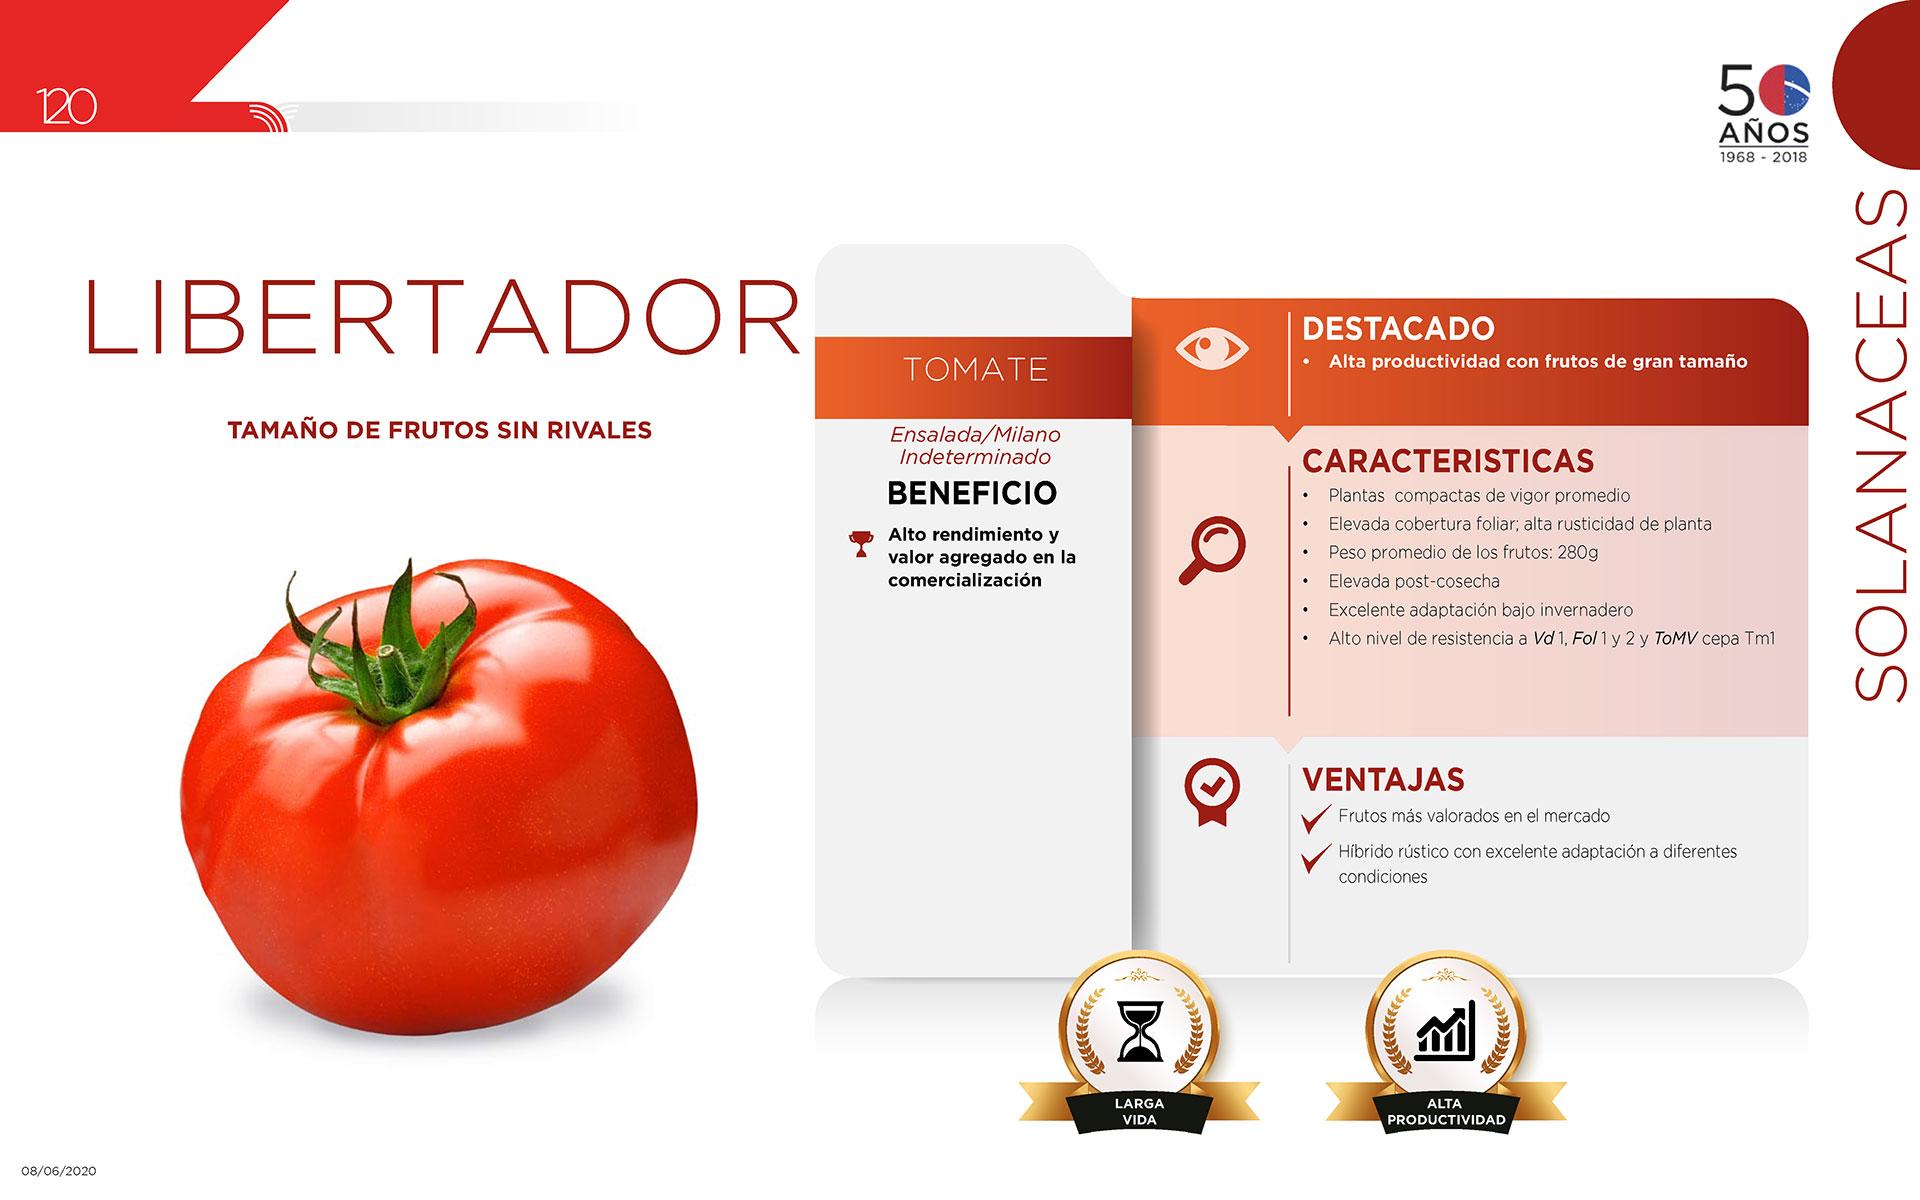 Libertador - Solanaceas